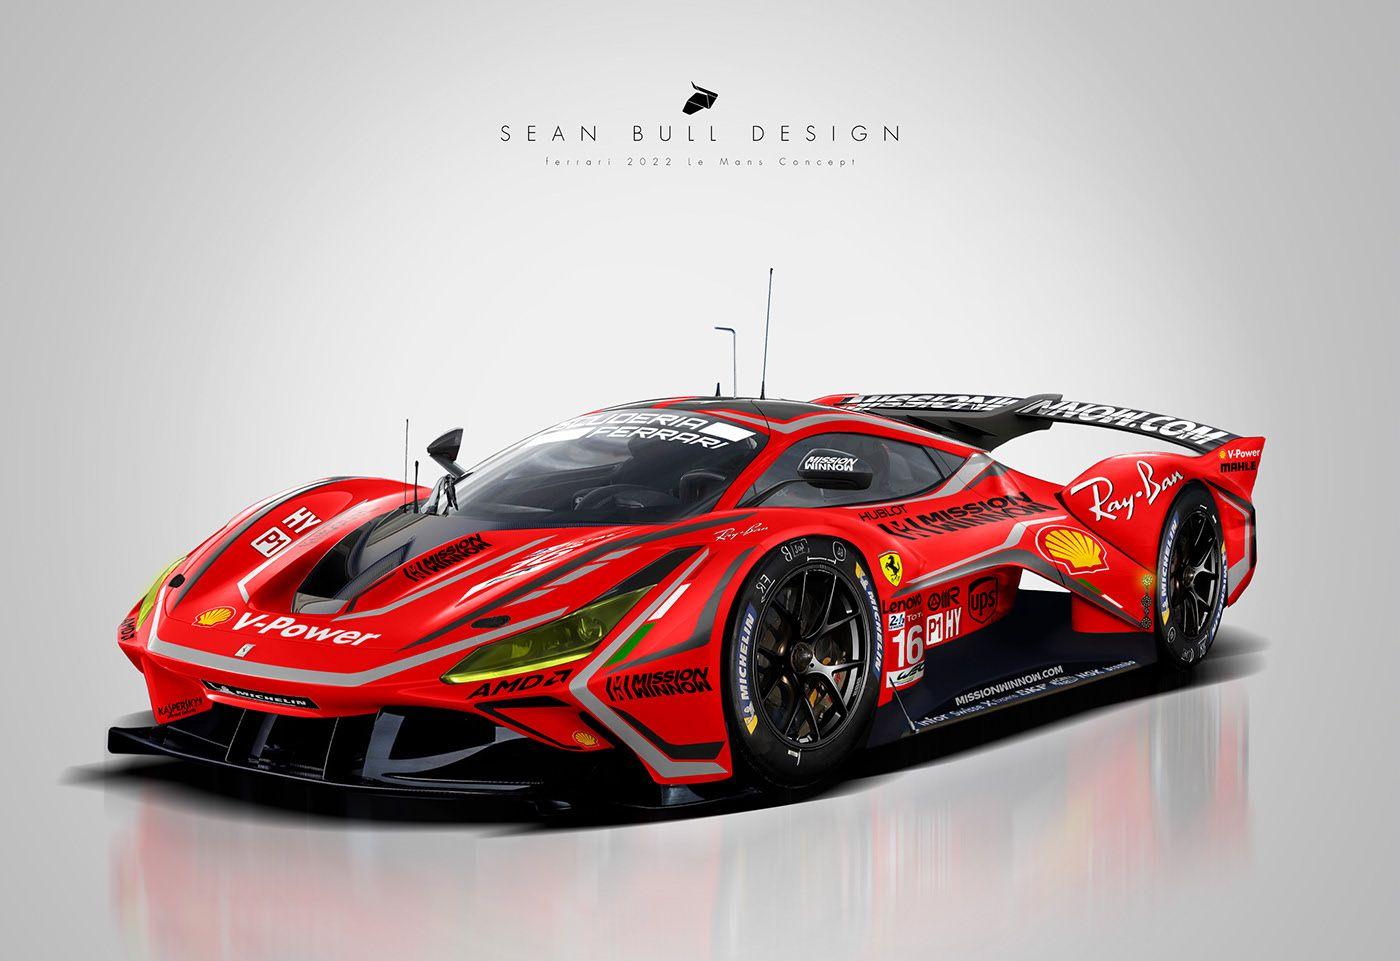 Pin On Racing Car Design